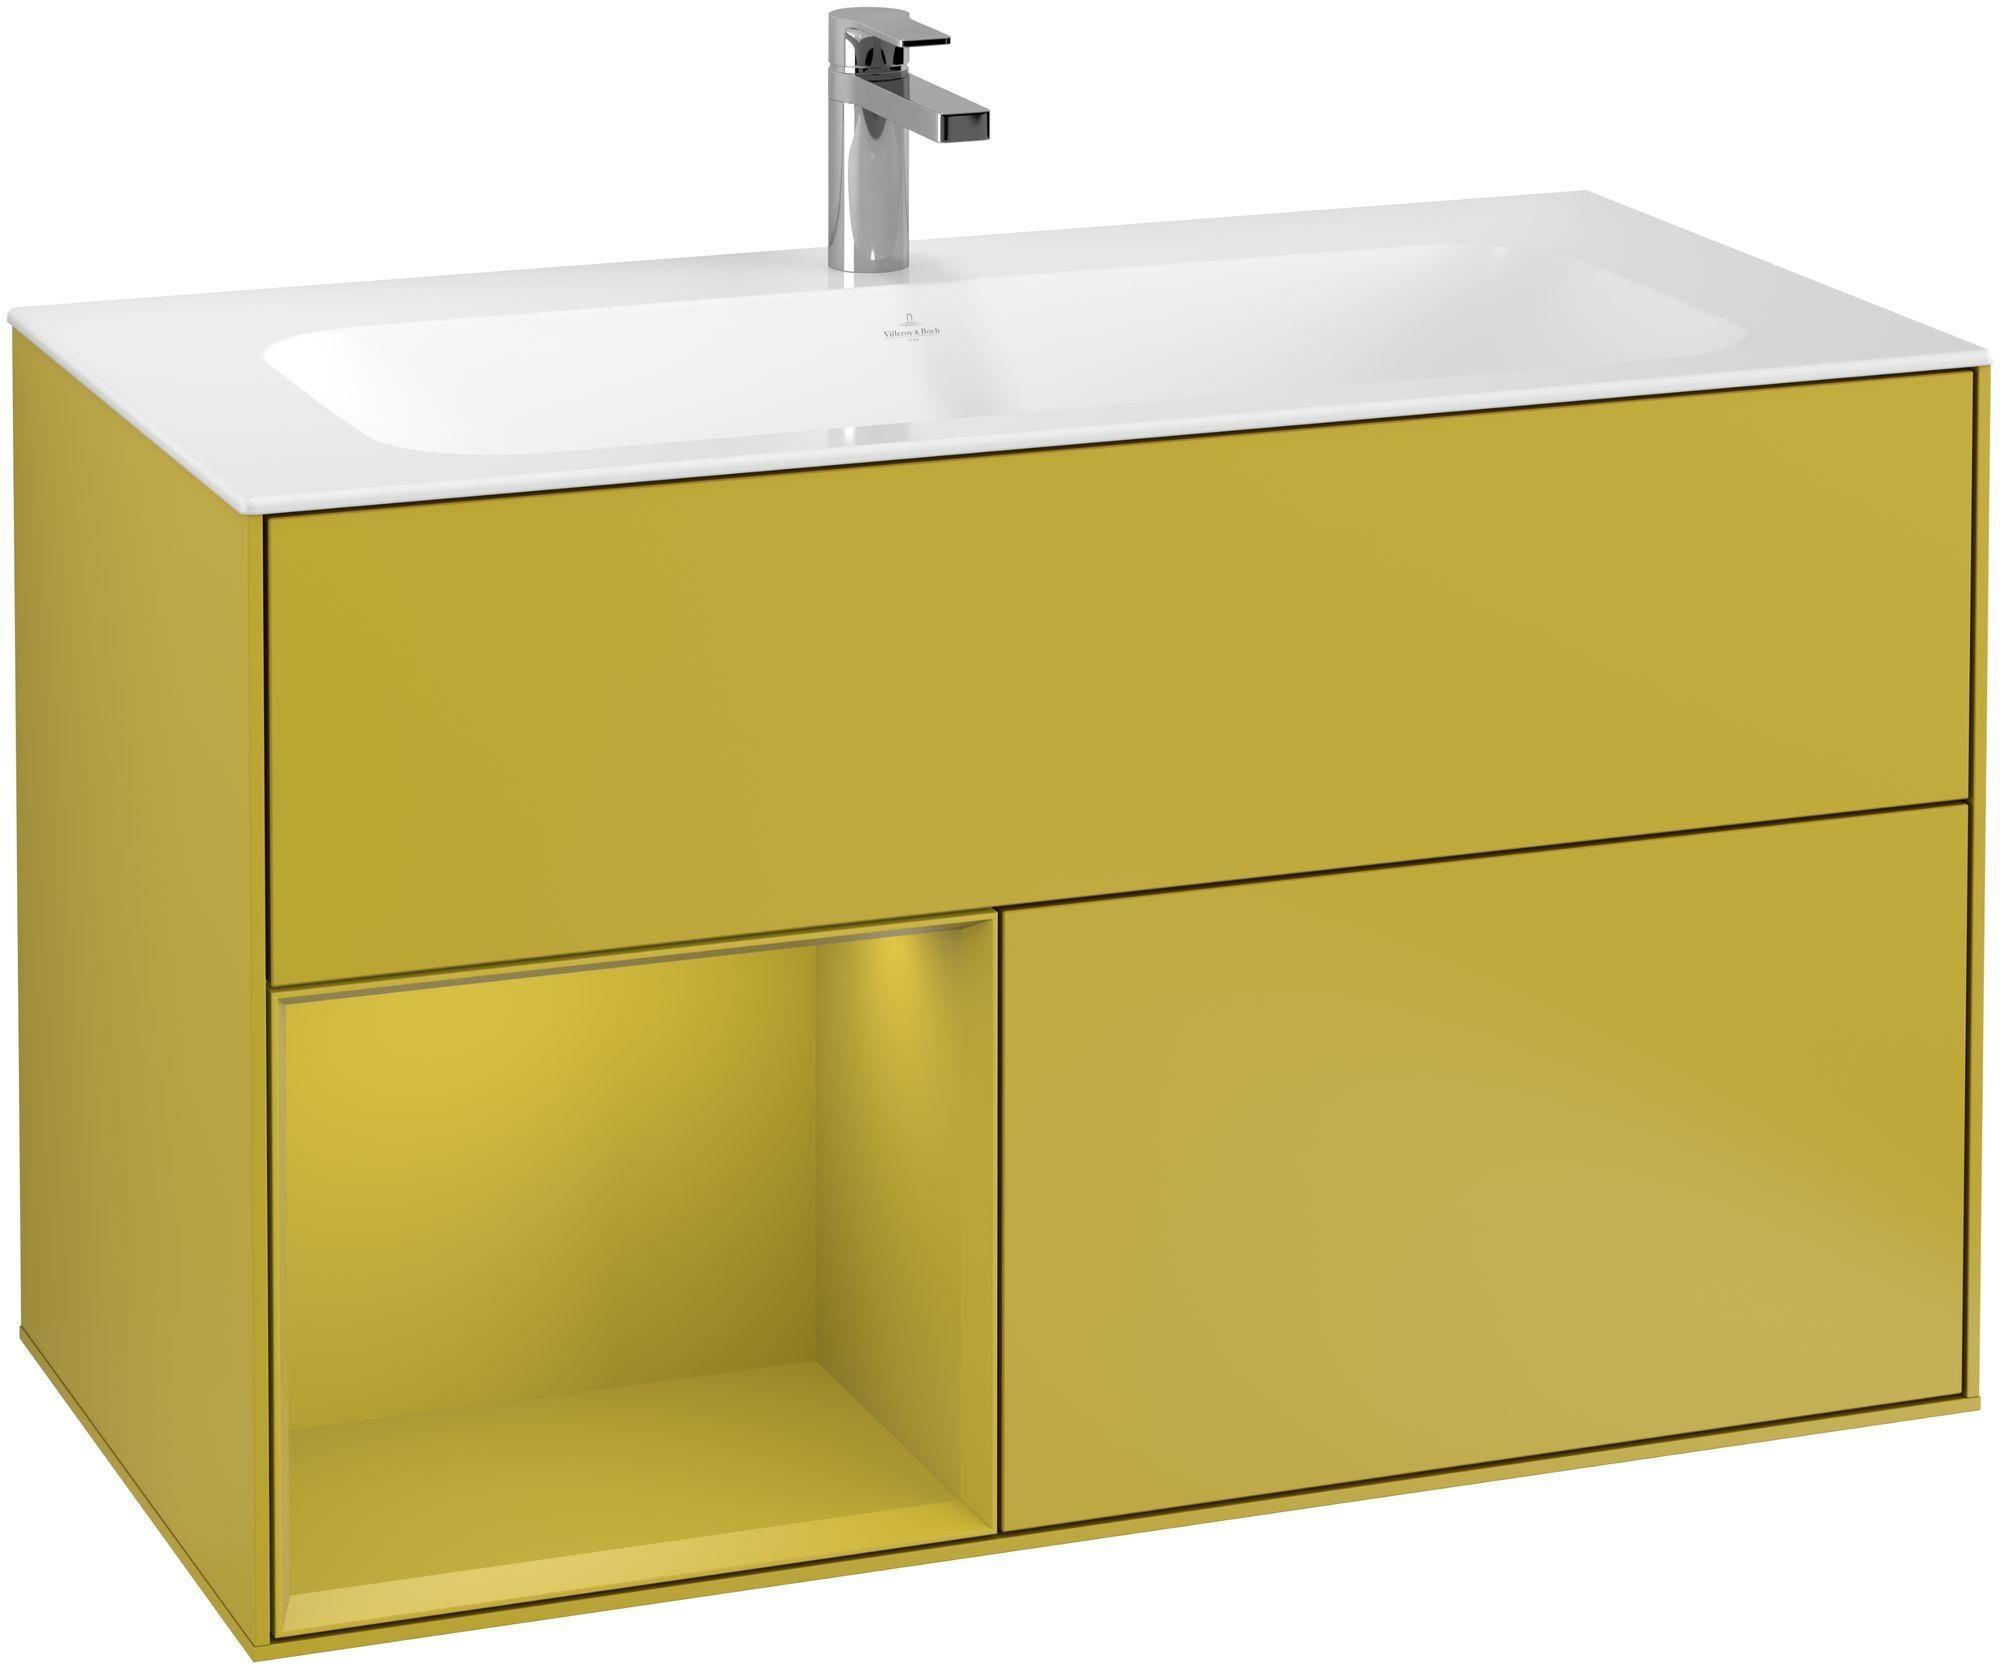 Villeroy & Boch Finion G03 Waschtischunterschrank mit Regalelement 2 Auszüge LED-Beleuchtung B:99,6xH:59,1xT:49,8cm Front, Korpus: Sun G030HEHE